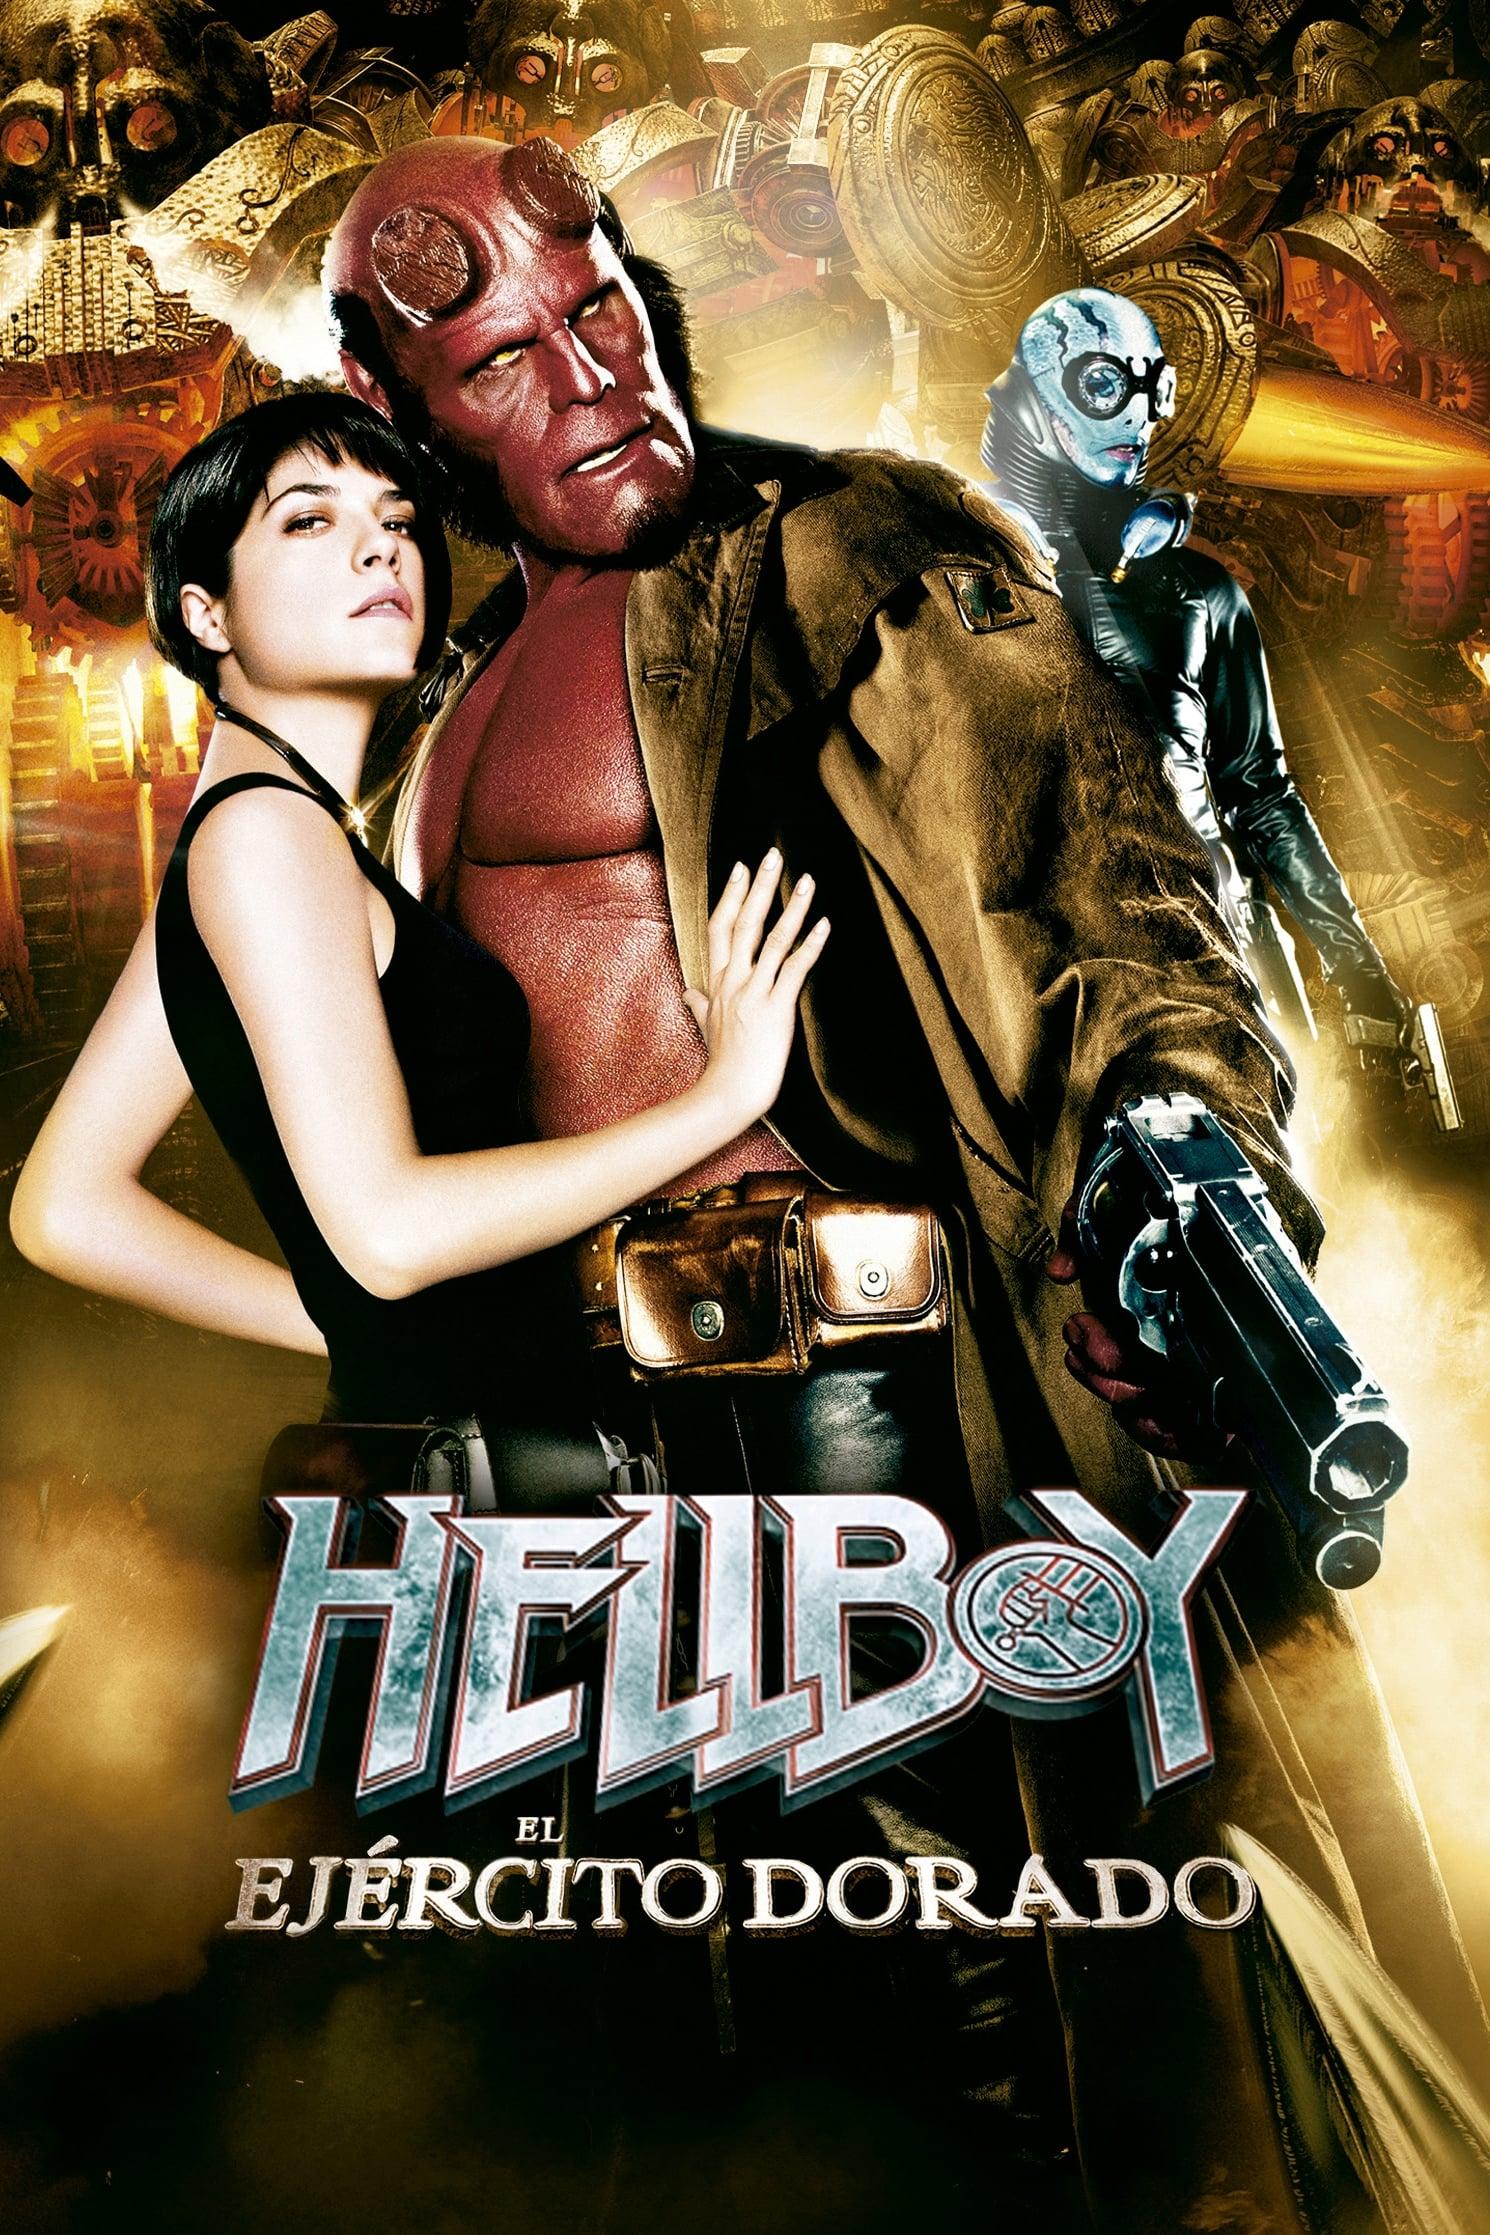 Póster Hellboy II: El ej�rcito dorado